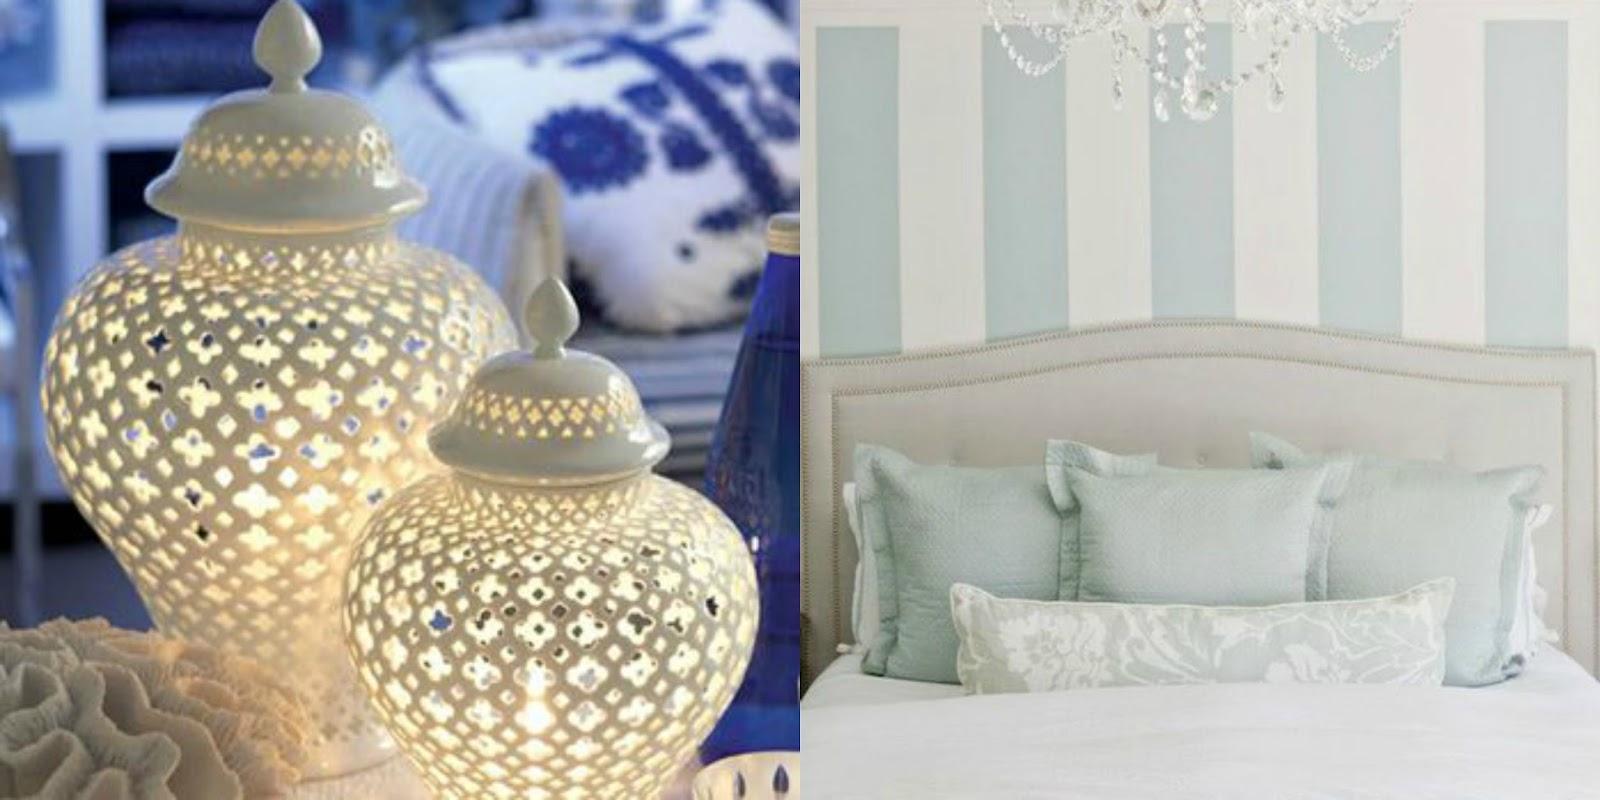 Duck Egg Blue Bedroom Ornaments